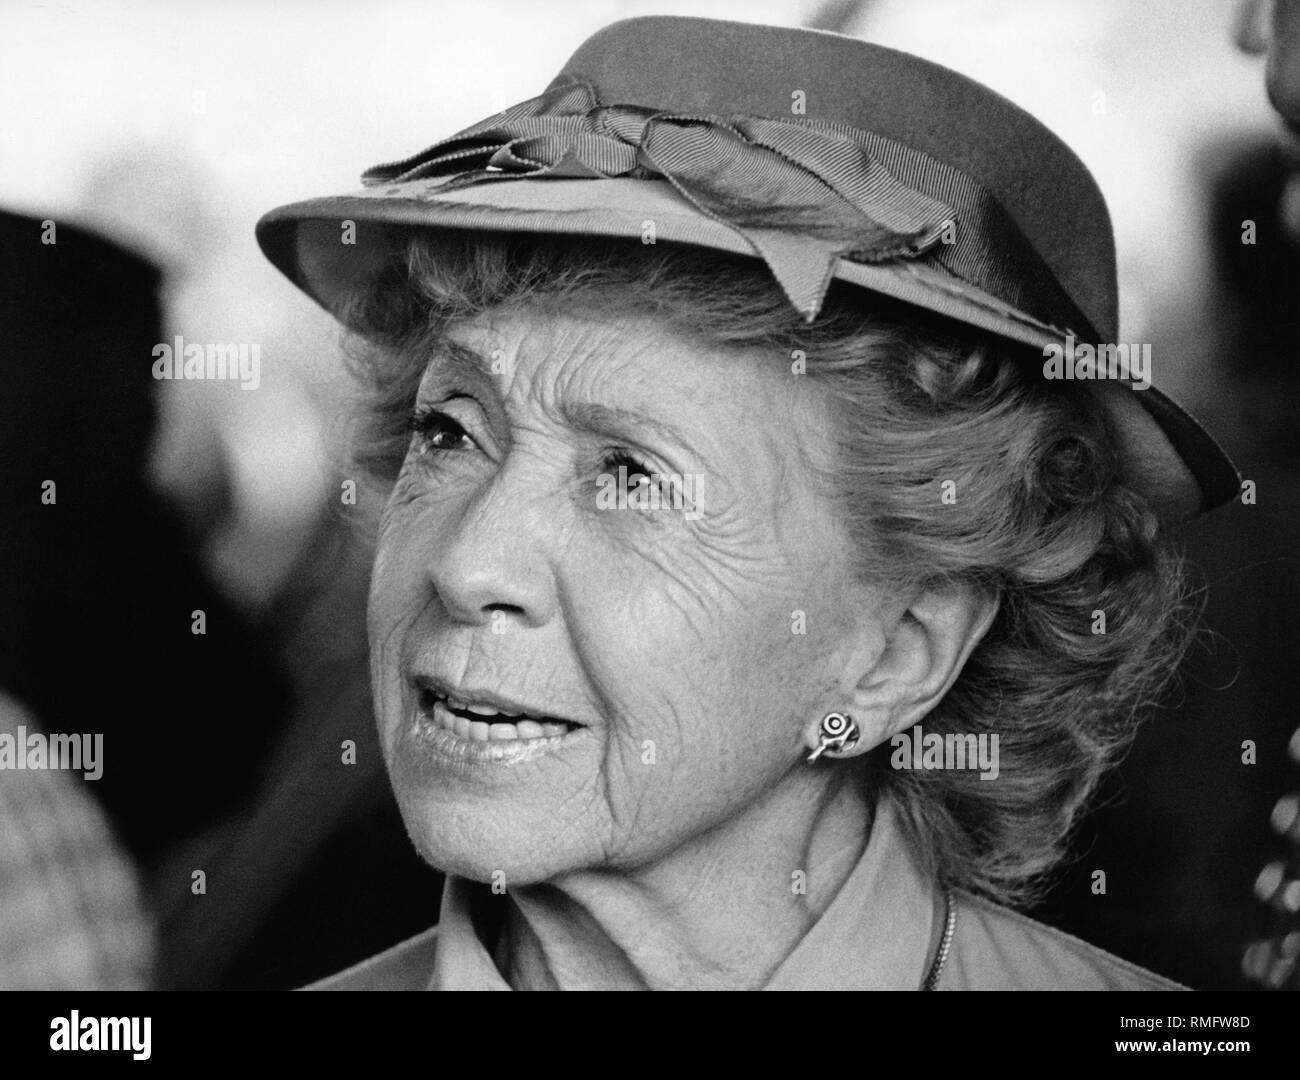 Actress Inge Meysel. - Stock Image